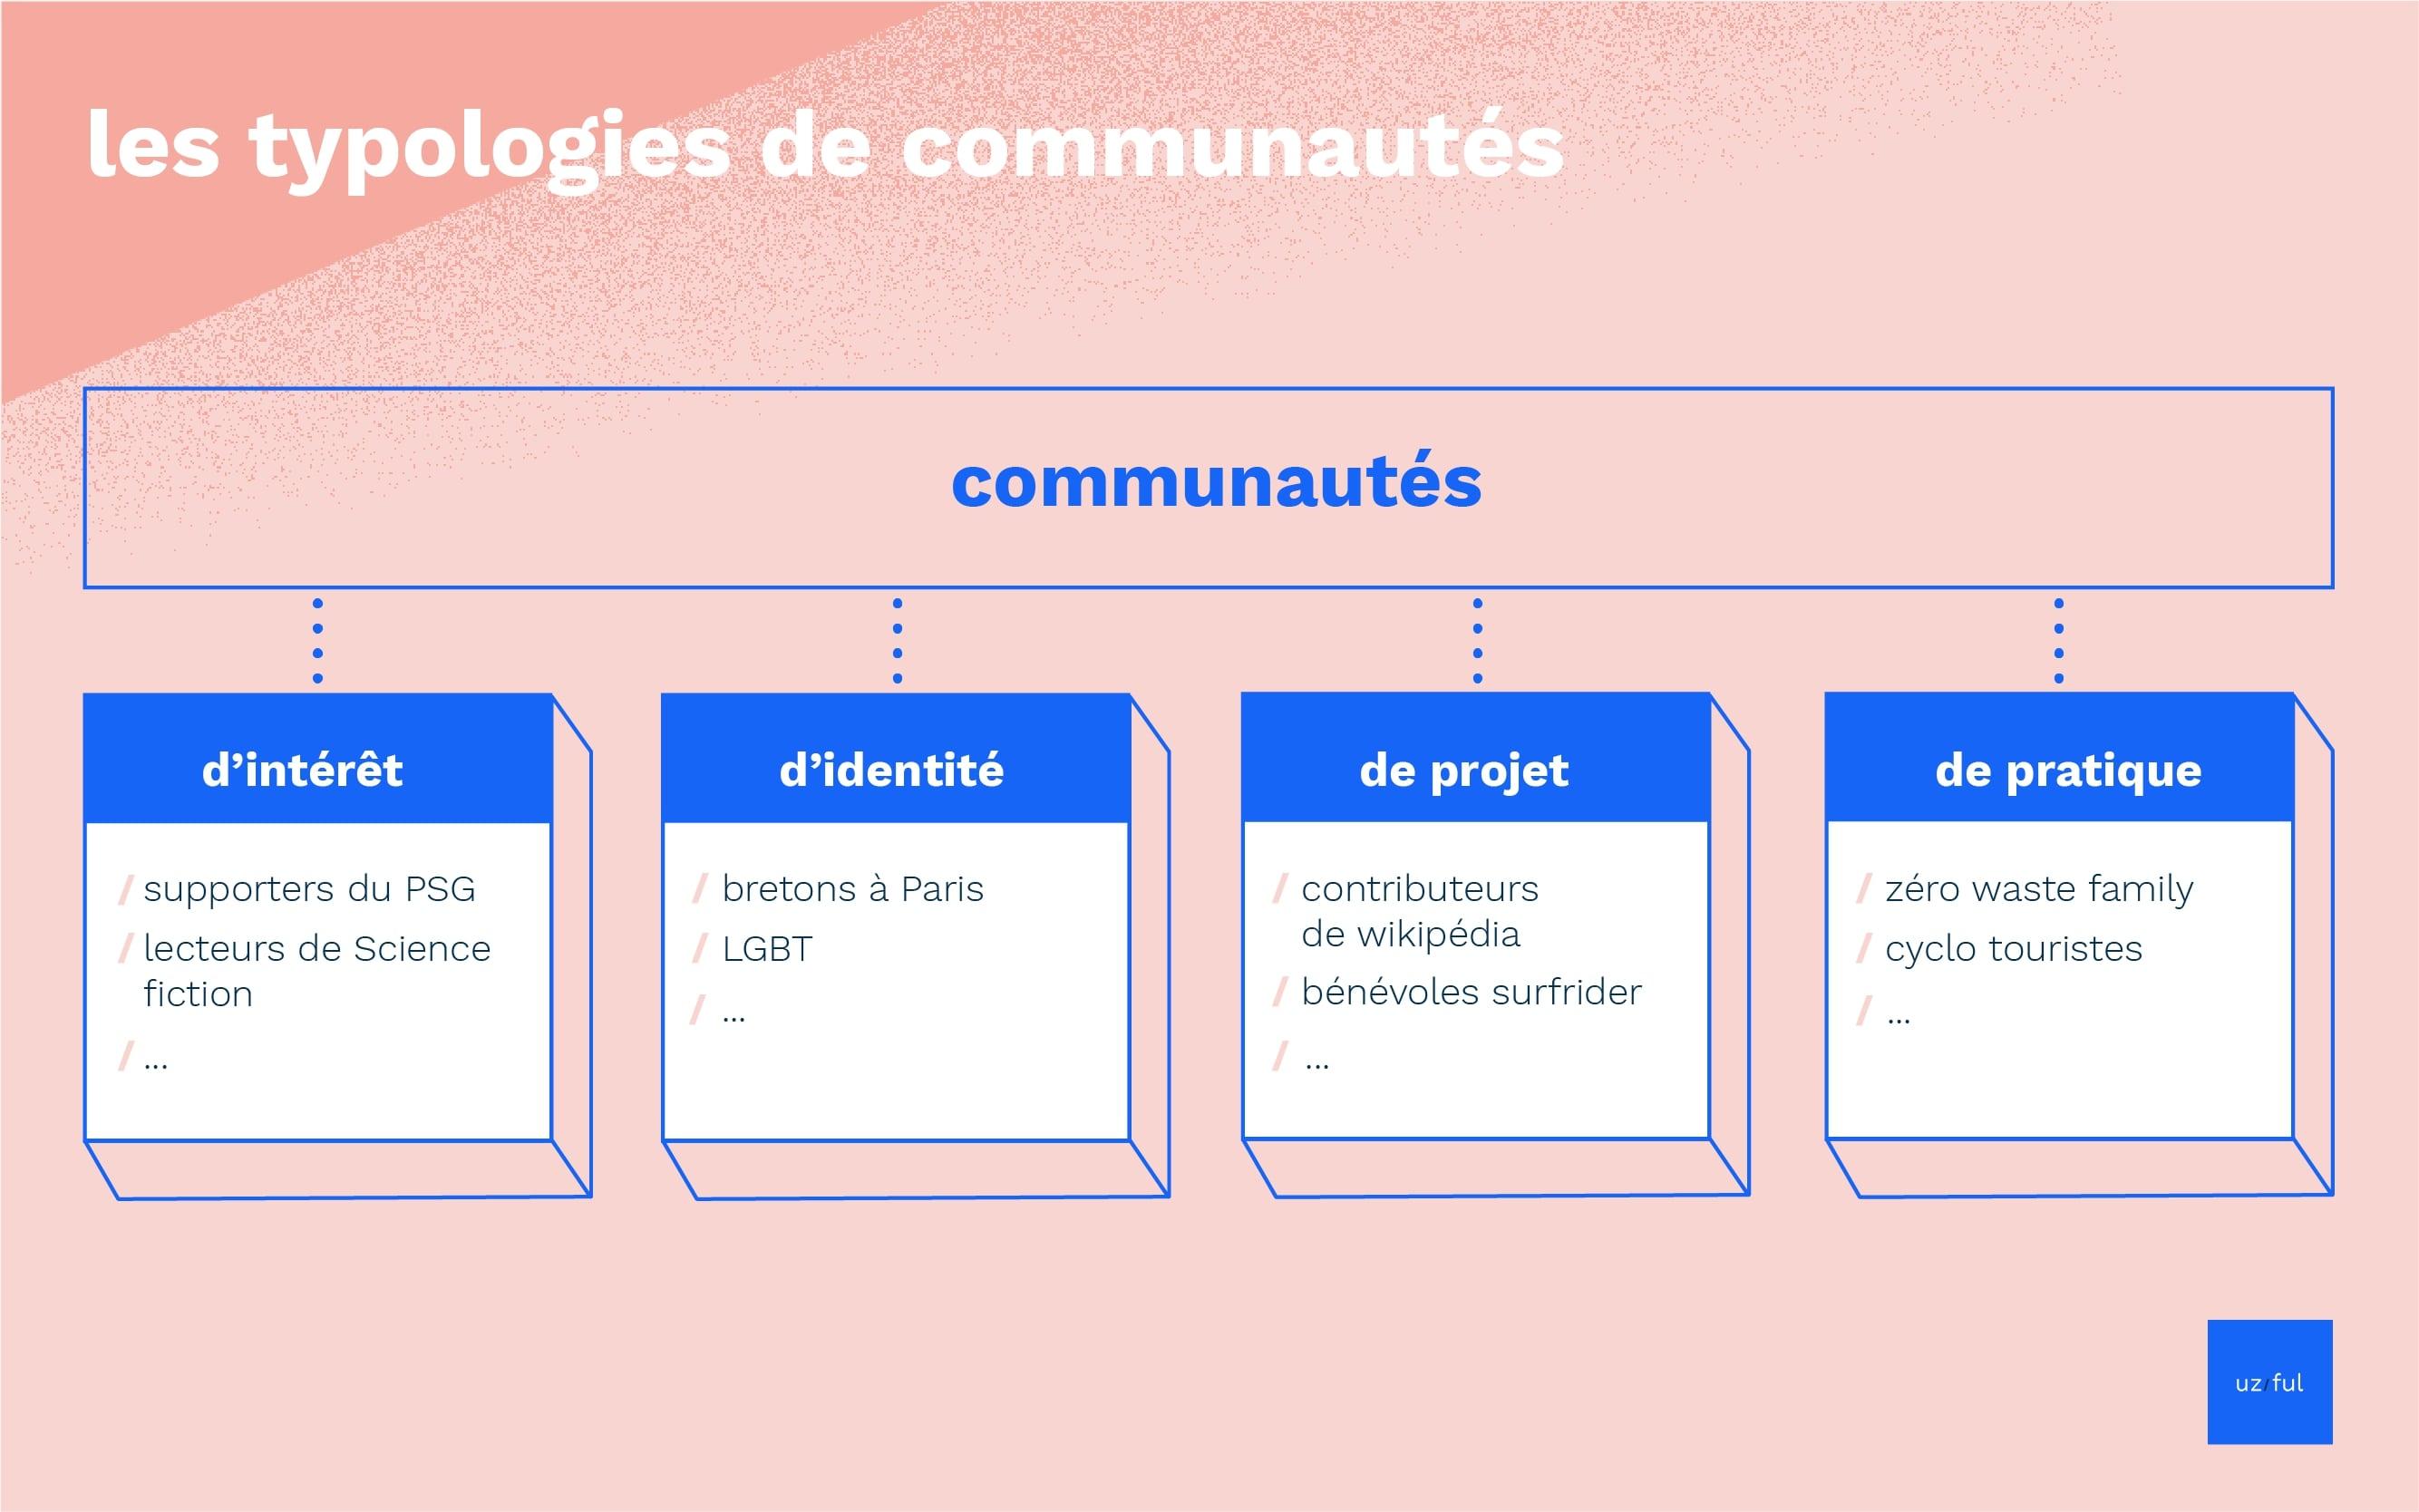 Infographie sur les typologies de communautés